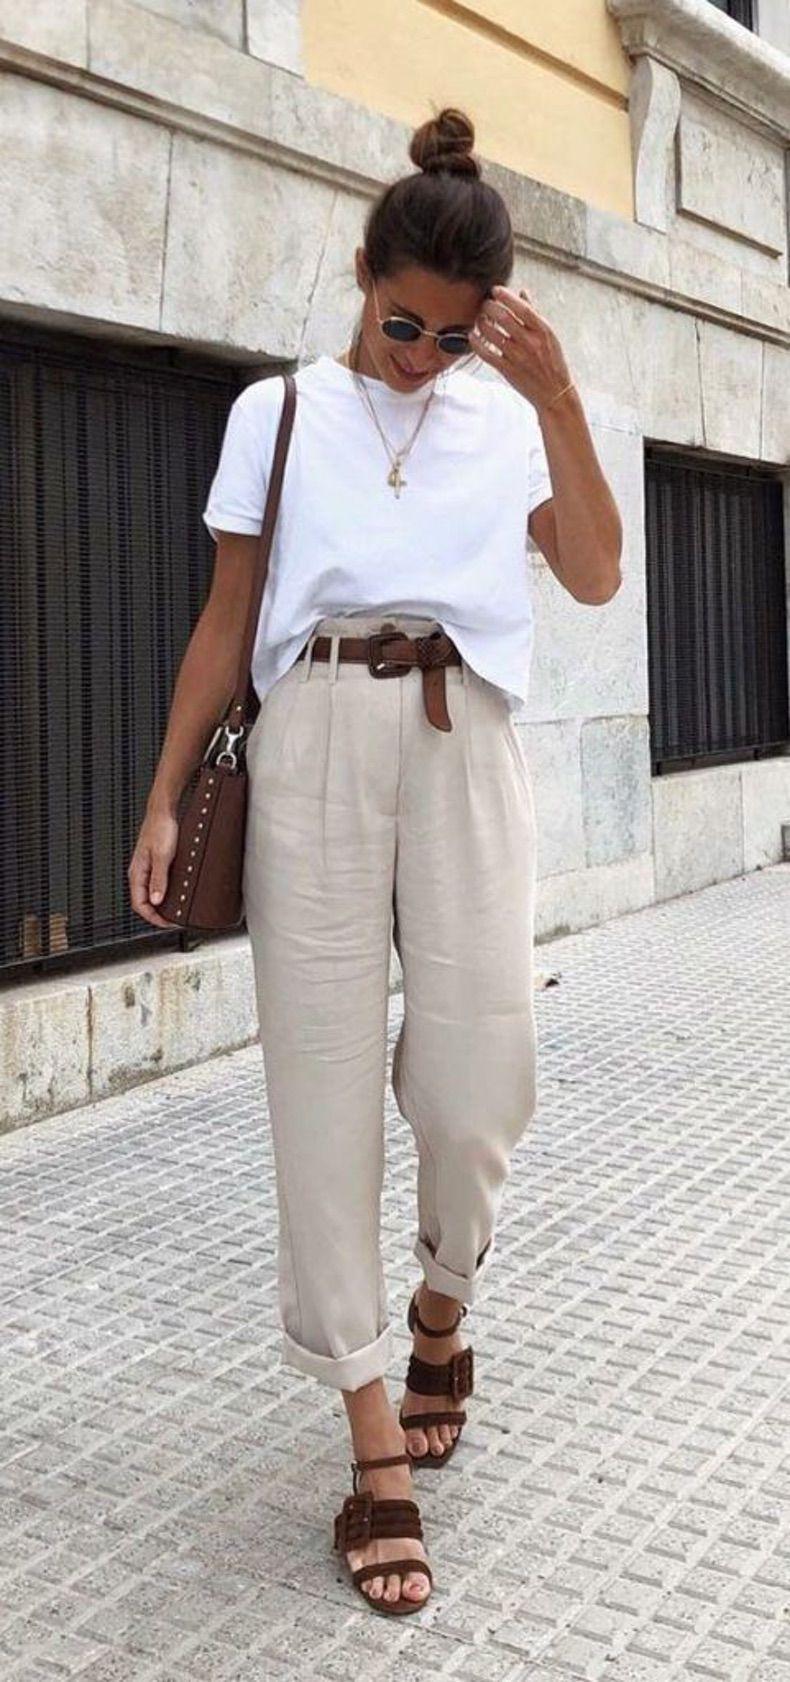 Los Pantalones De Lino Son Los Nuevos Vaqueros